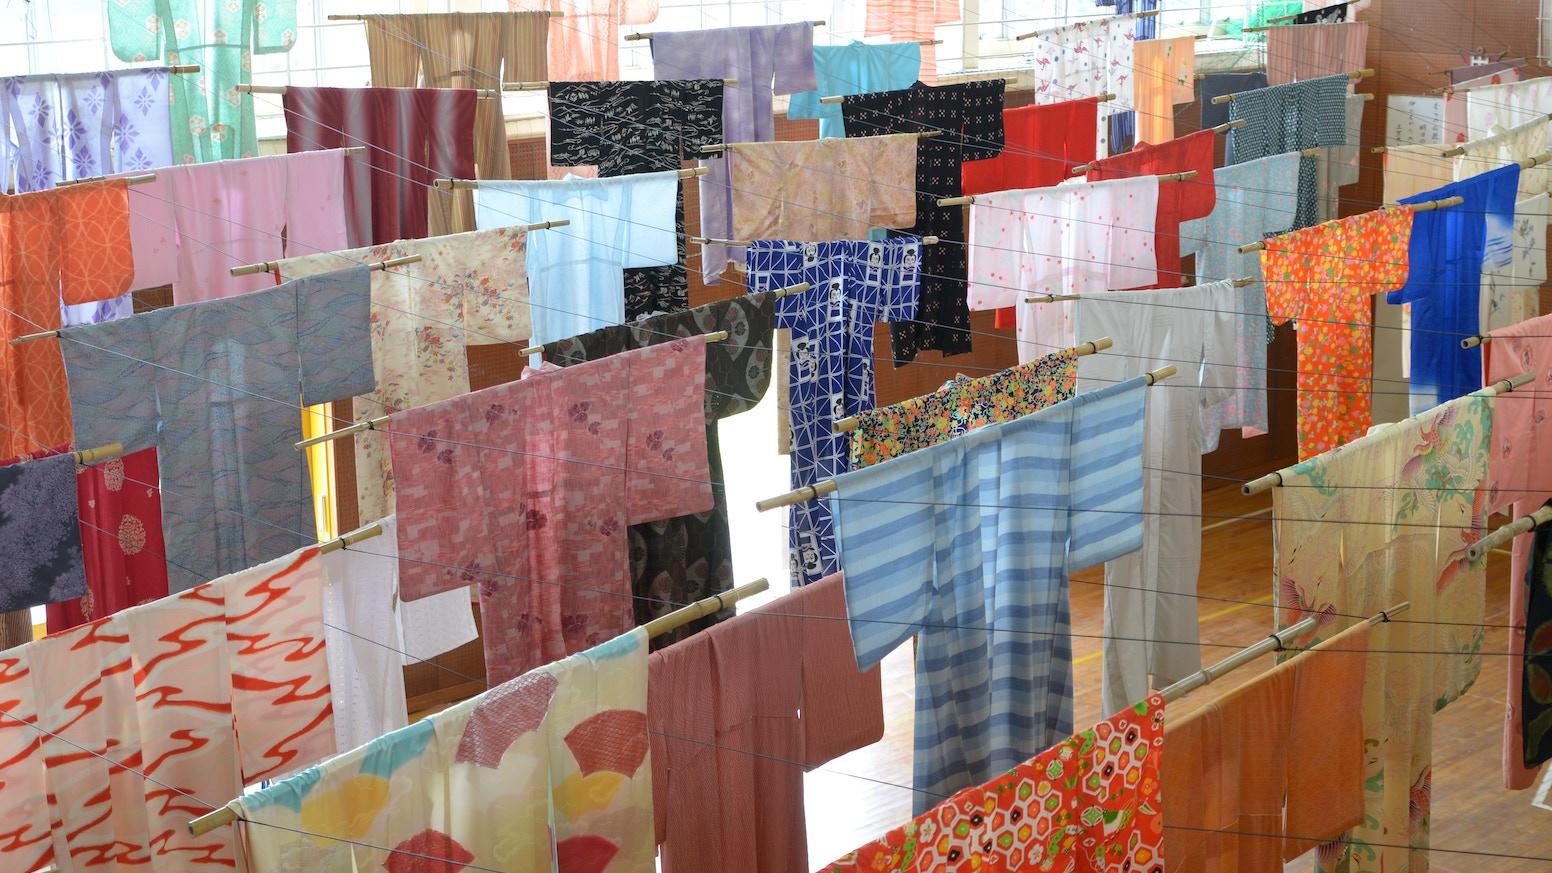 日本で眠る古着の着物を活用して、海外で文化資源の新たなサイクルを作りたい Créer le nouveau cycle de vieux kimonos par la collaboration avec des créateurs de mode à Roubaix